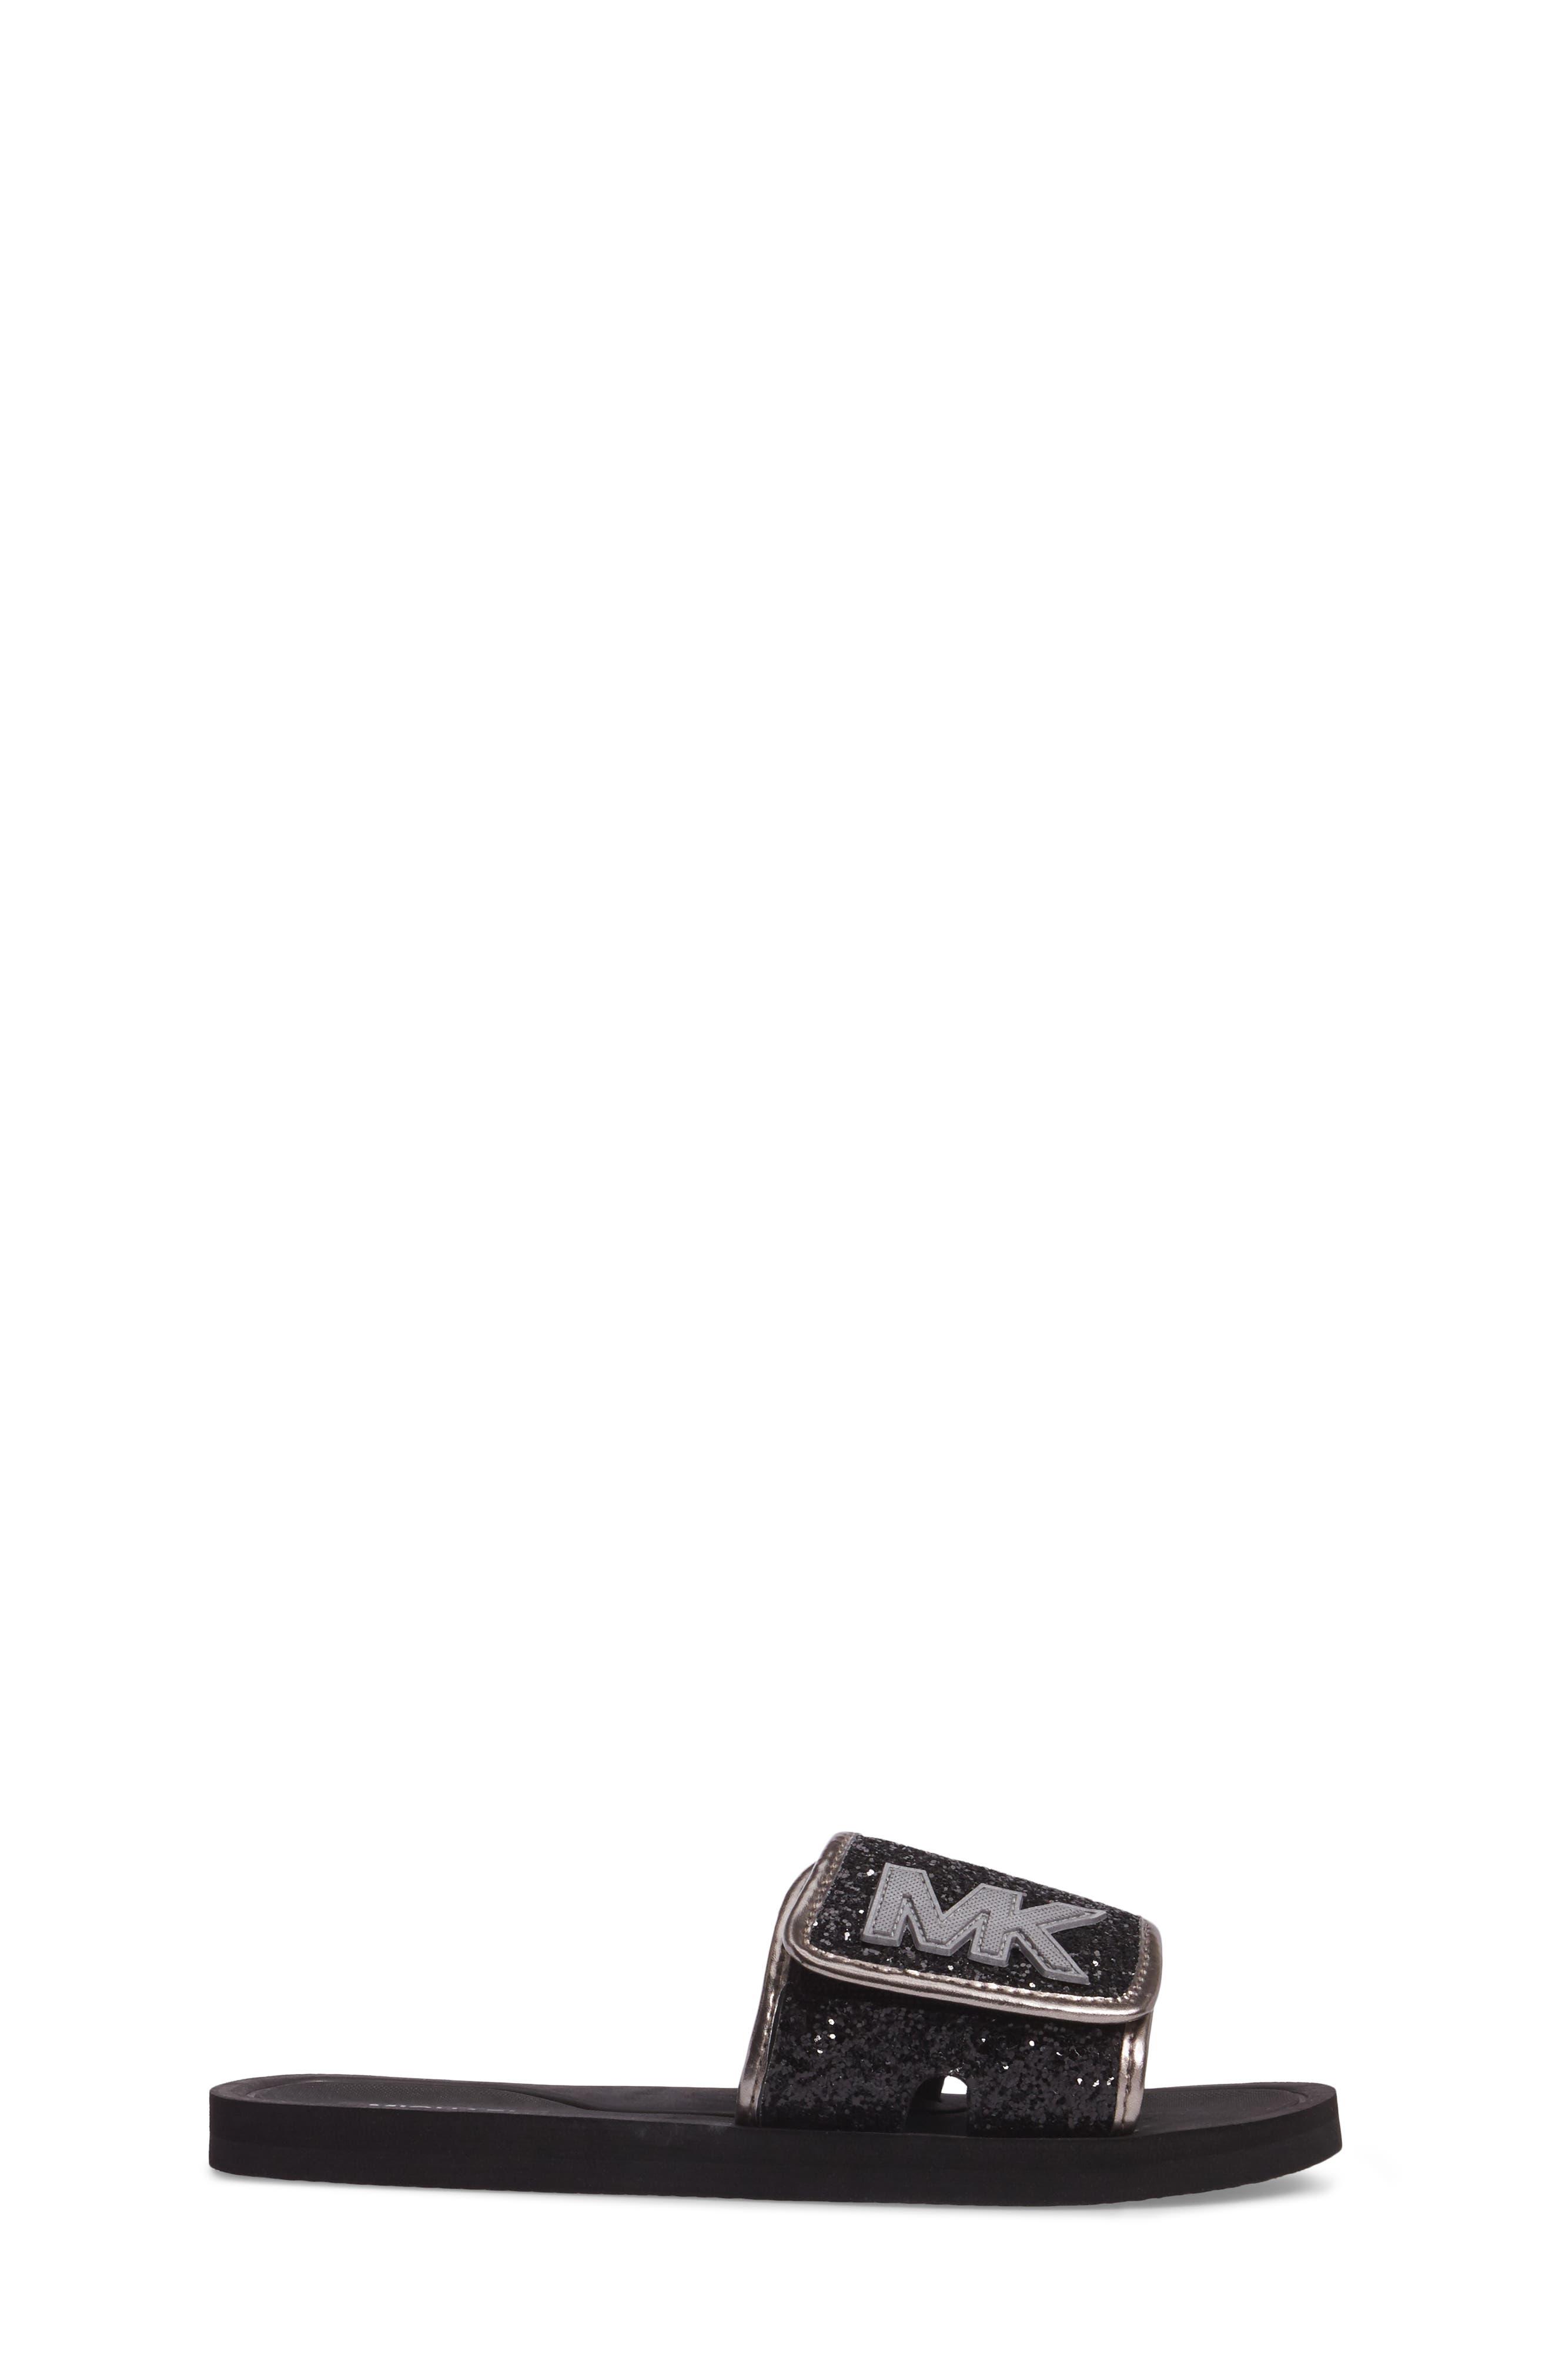 Alternate Image 3  - MICHAEL Michael Kors Eli Glow Glitter Slide Sandal (Toddler, Little Kid & Big Kid)